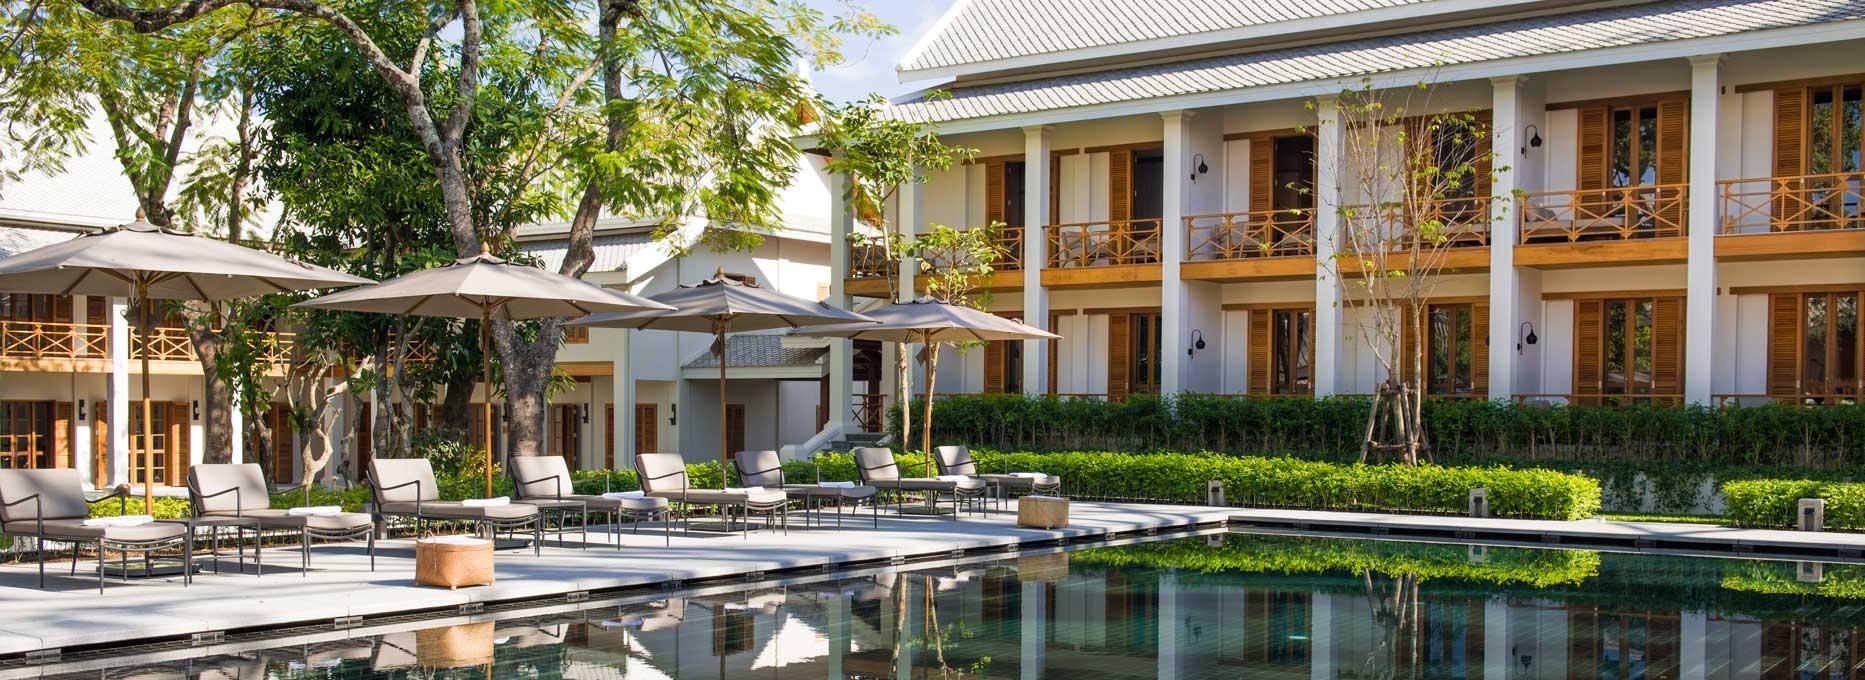 AVANI Luang Prabang - Pool